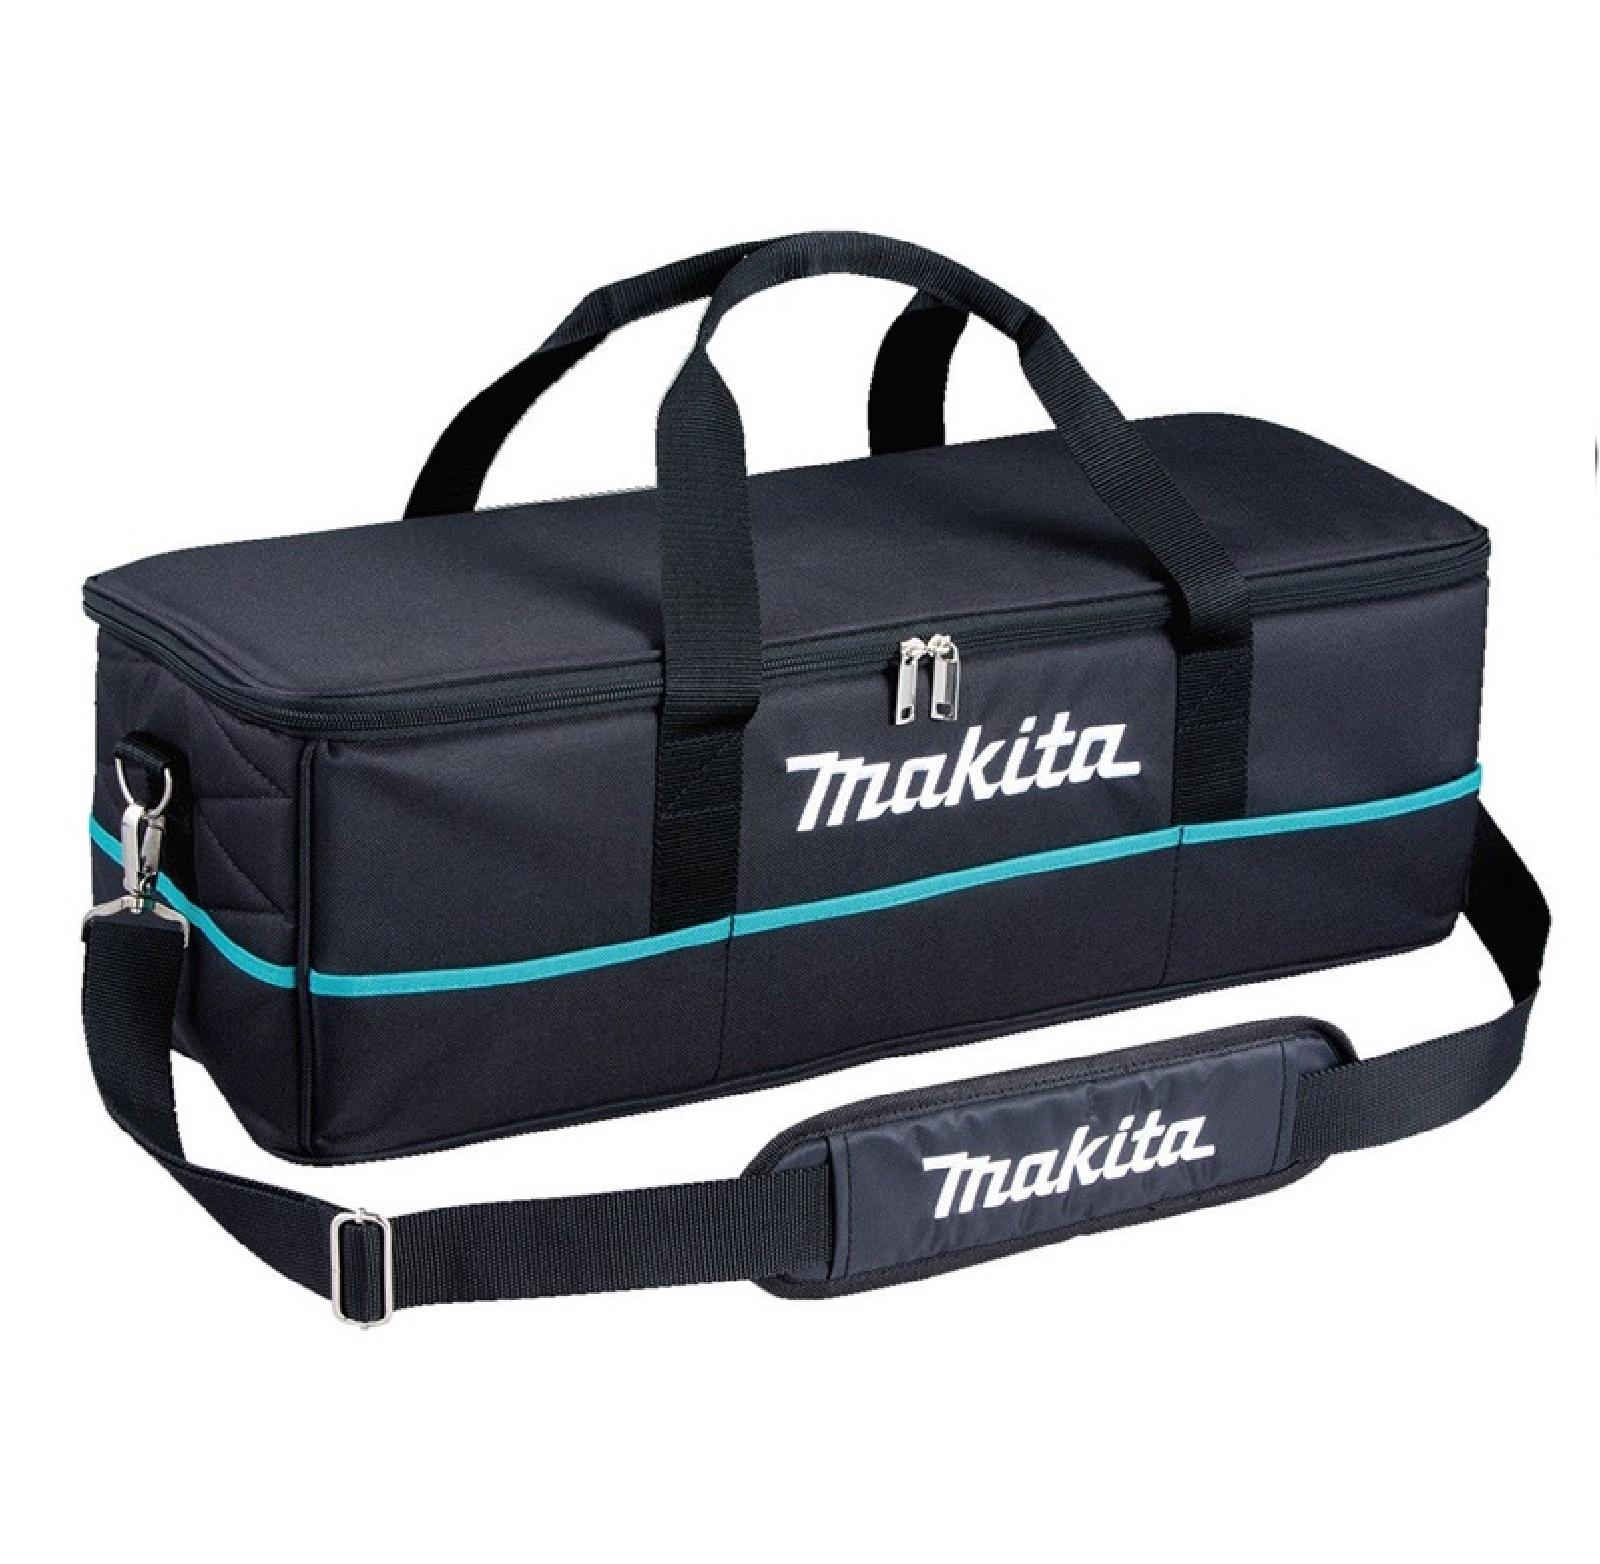 Makita 199901-8 Cleaner Carrying Bag